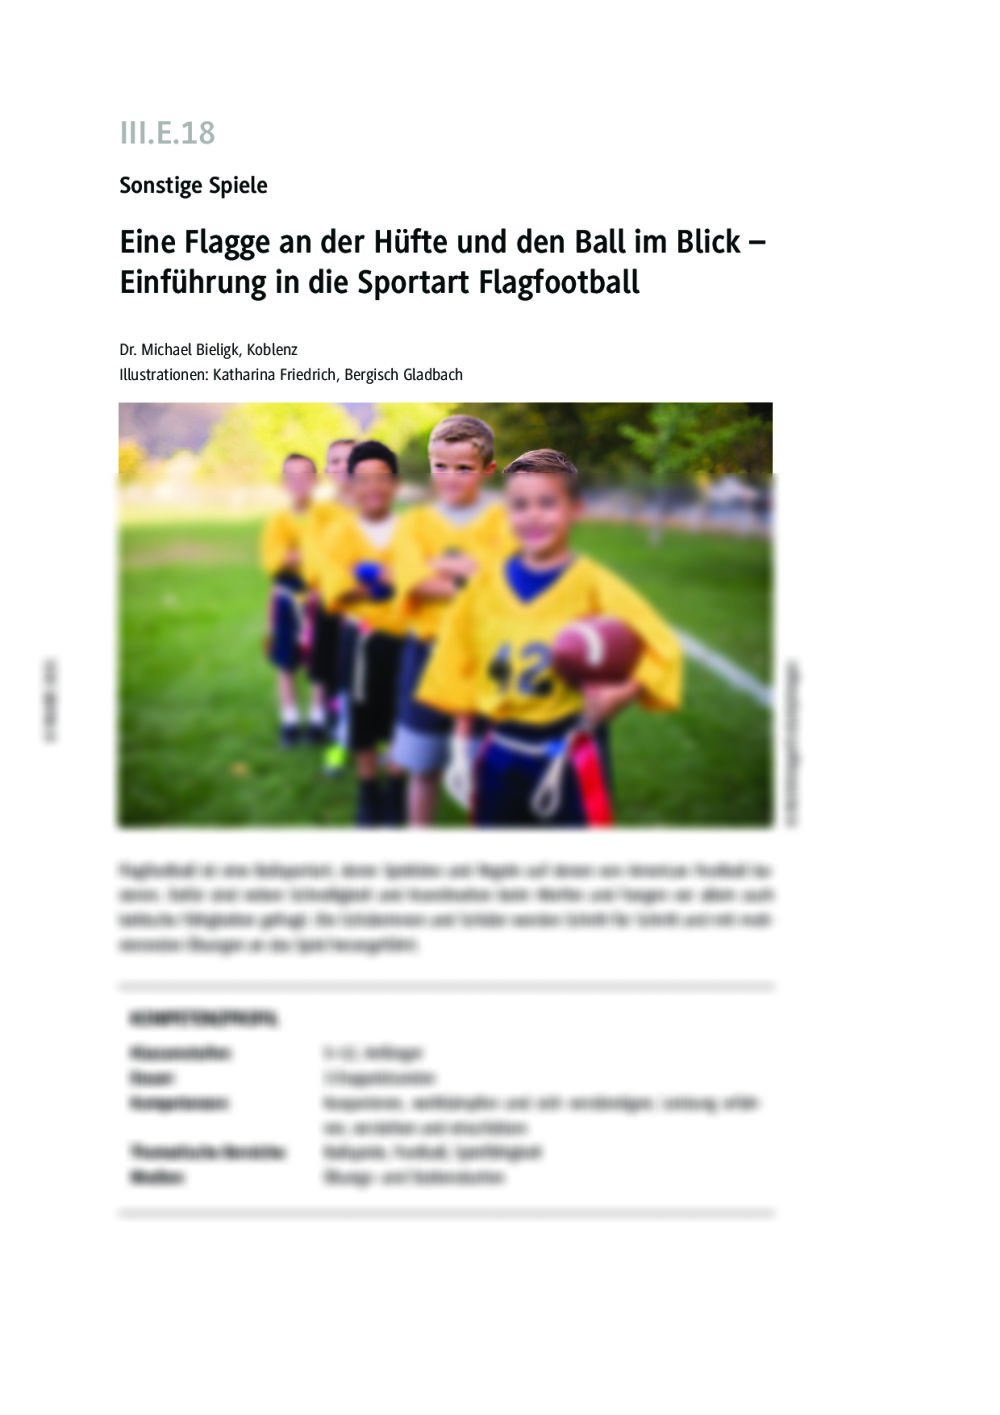 Einführung in die Sportart Flagfootball - Seite 1